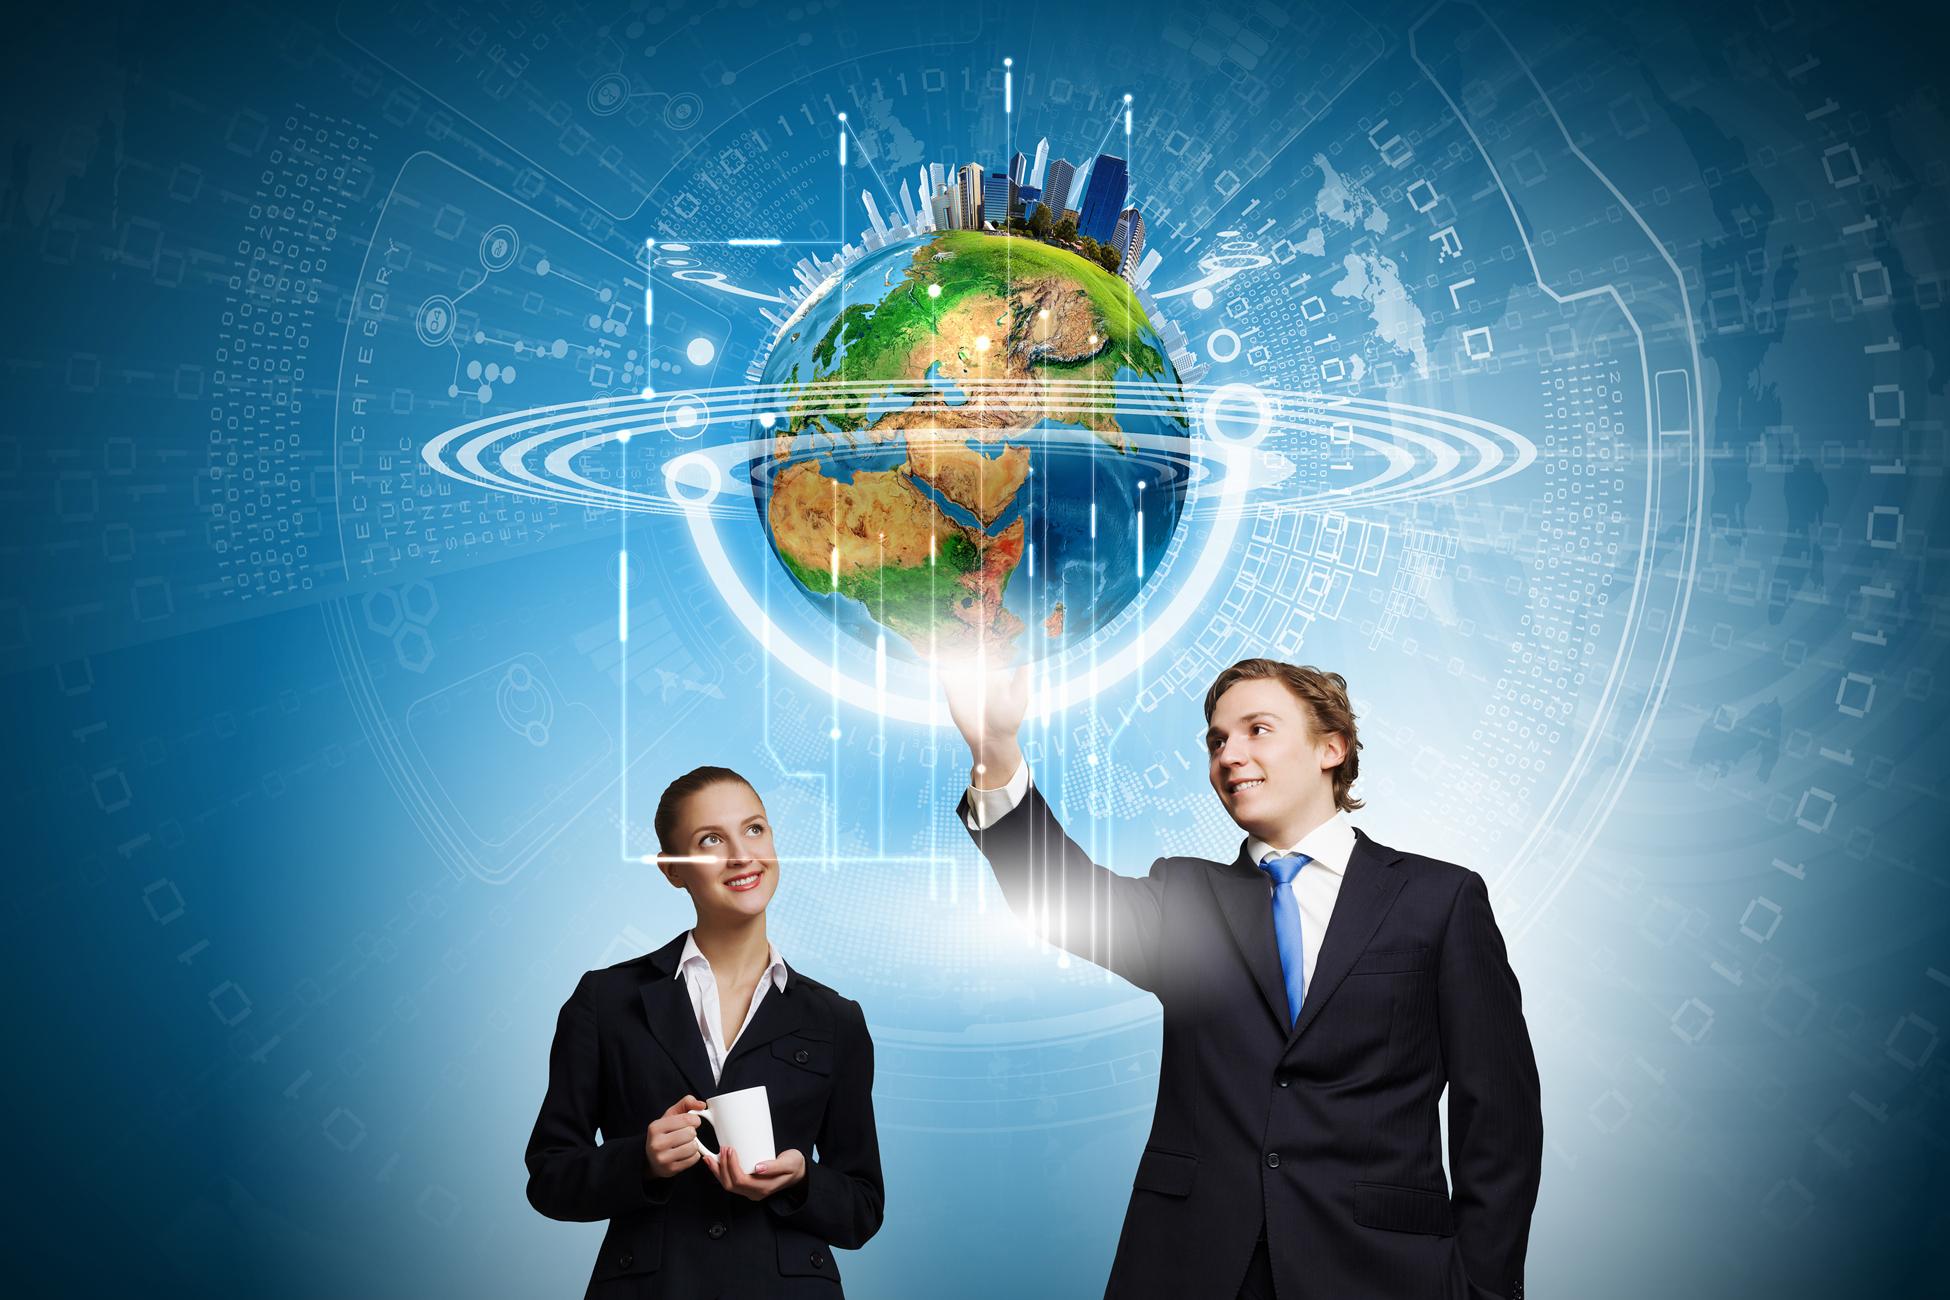 MBA-ام بی ای-هشت گام برای یک هدفگزاری عالی